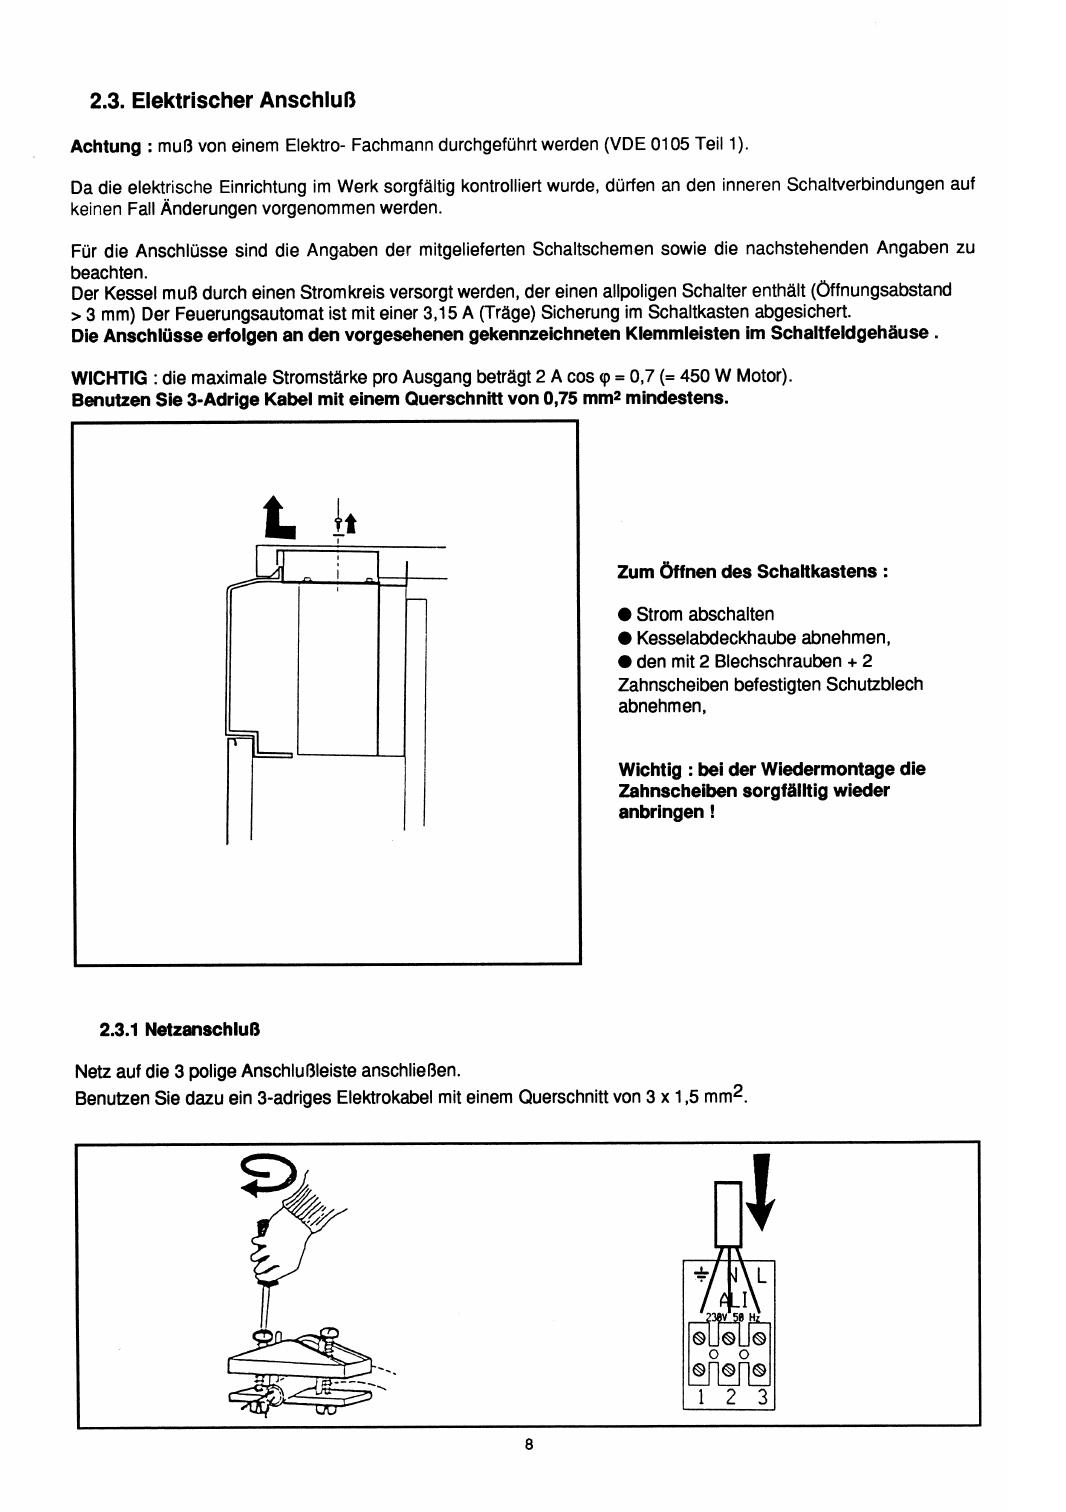 Charmant Ampere An Kabelgröße Galerie - Elektrische Schaltplan-Ideen ...